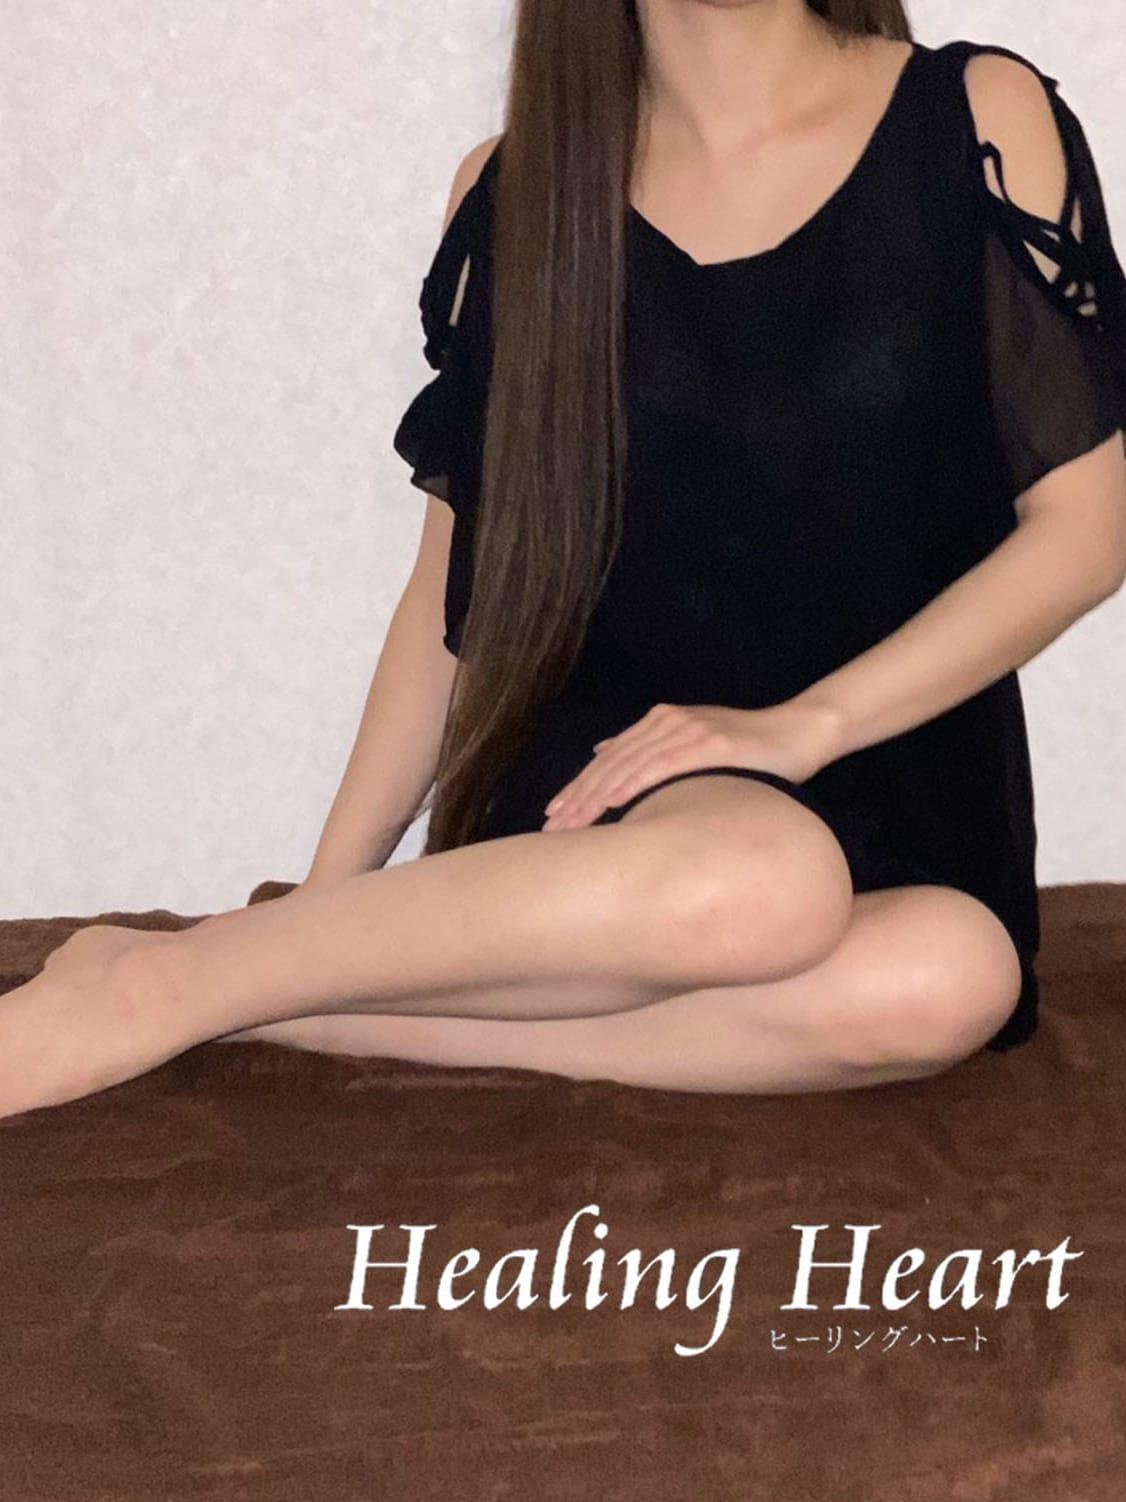 あゆみ | 出張専門 Healing Heart